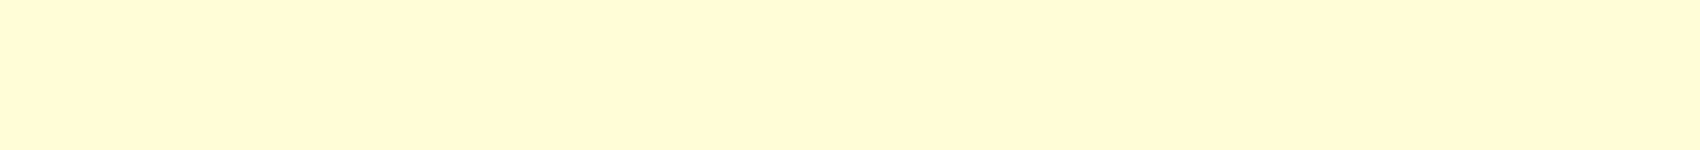 yellow-block.jpg